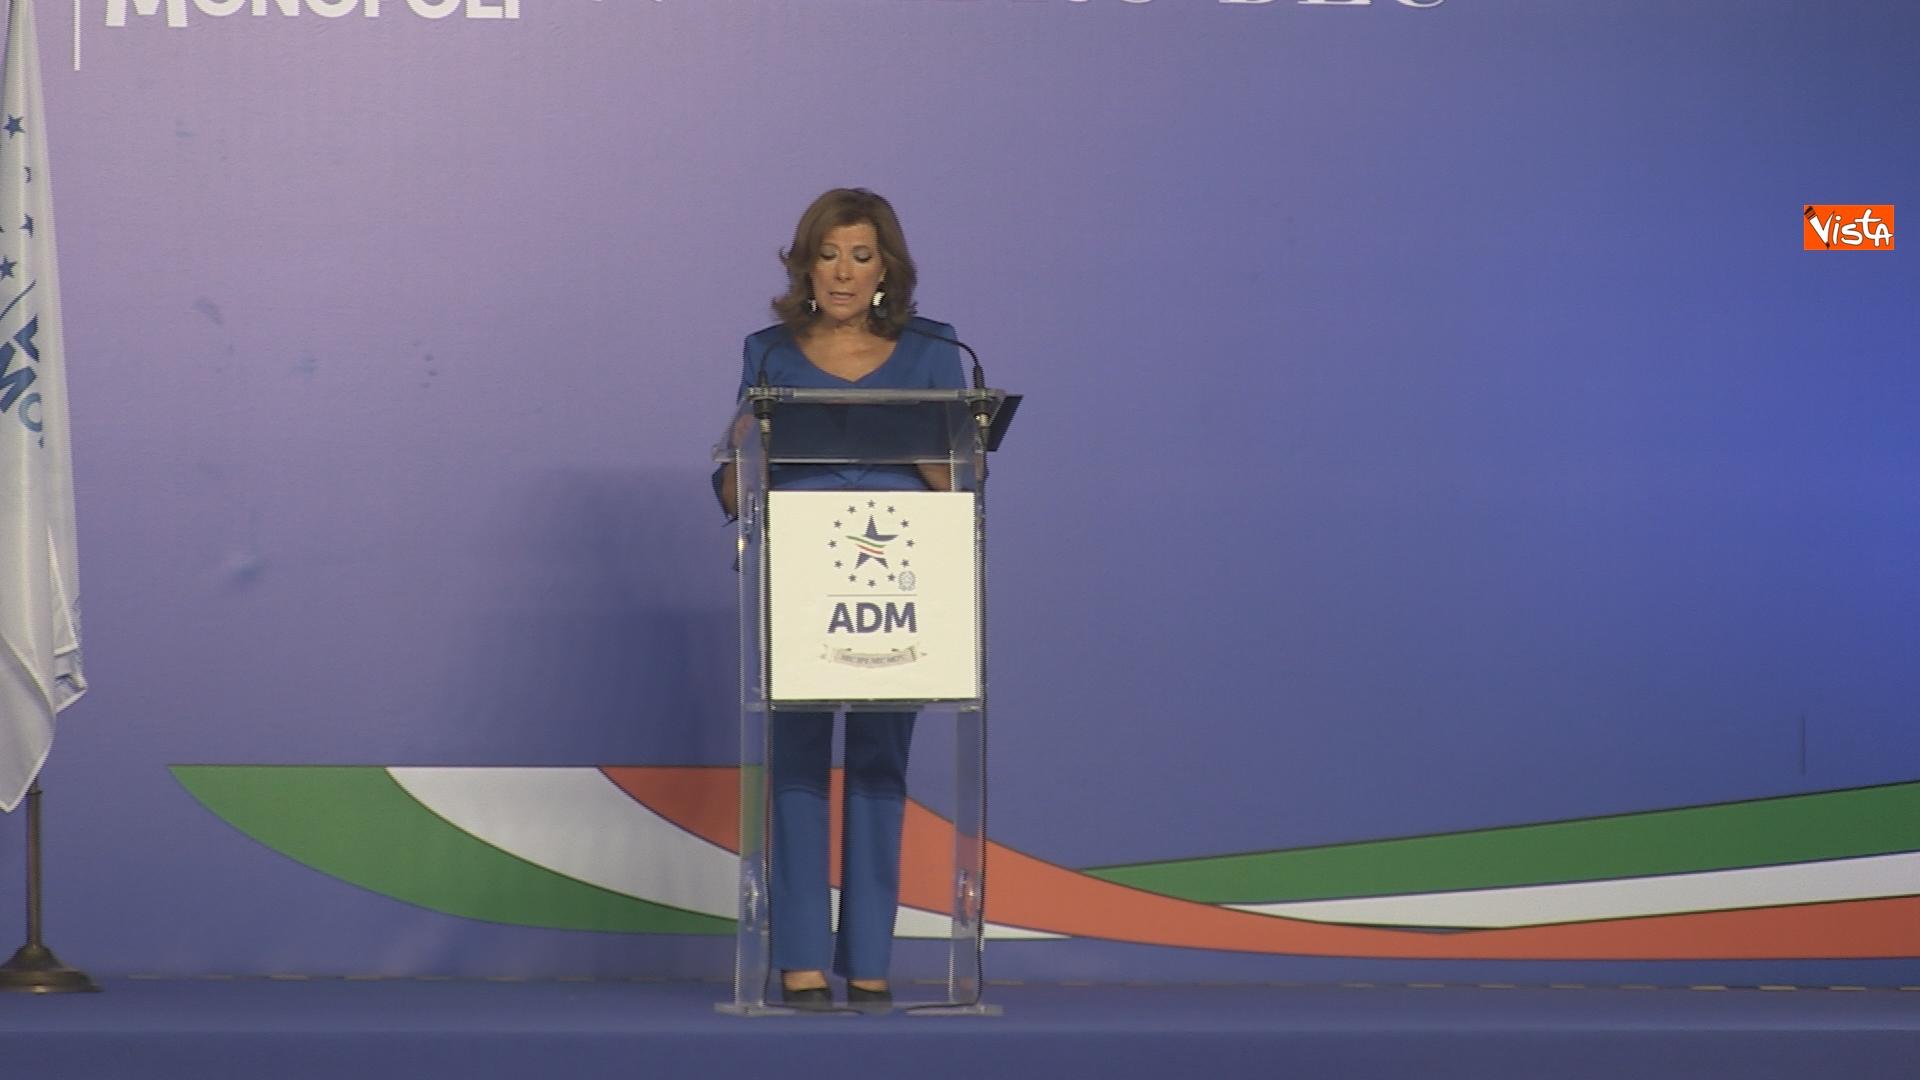 L'intervento della presidente del Senato Maria Elisabetta Alberti Casellati